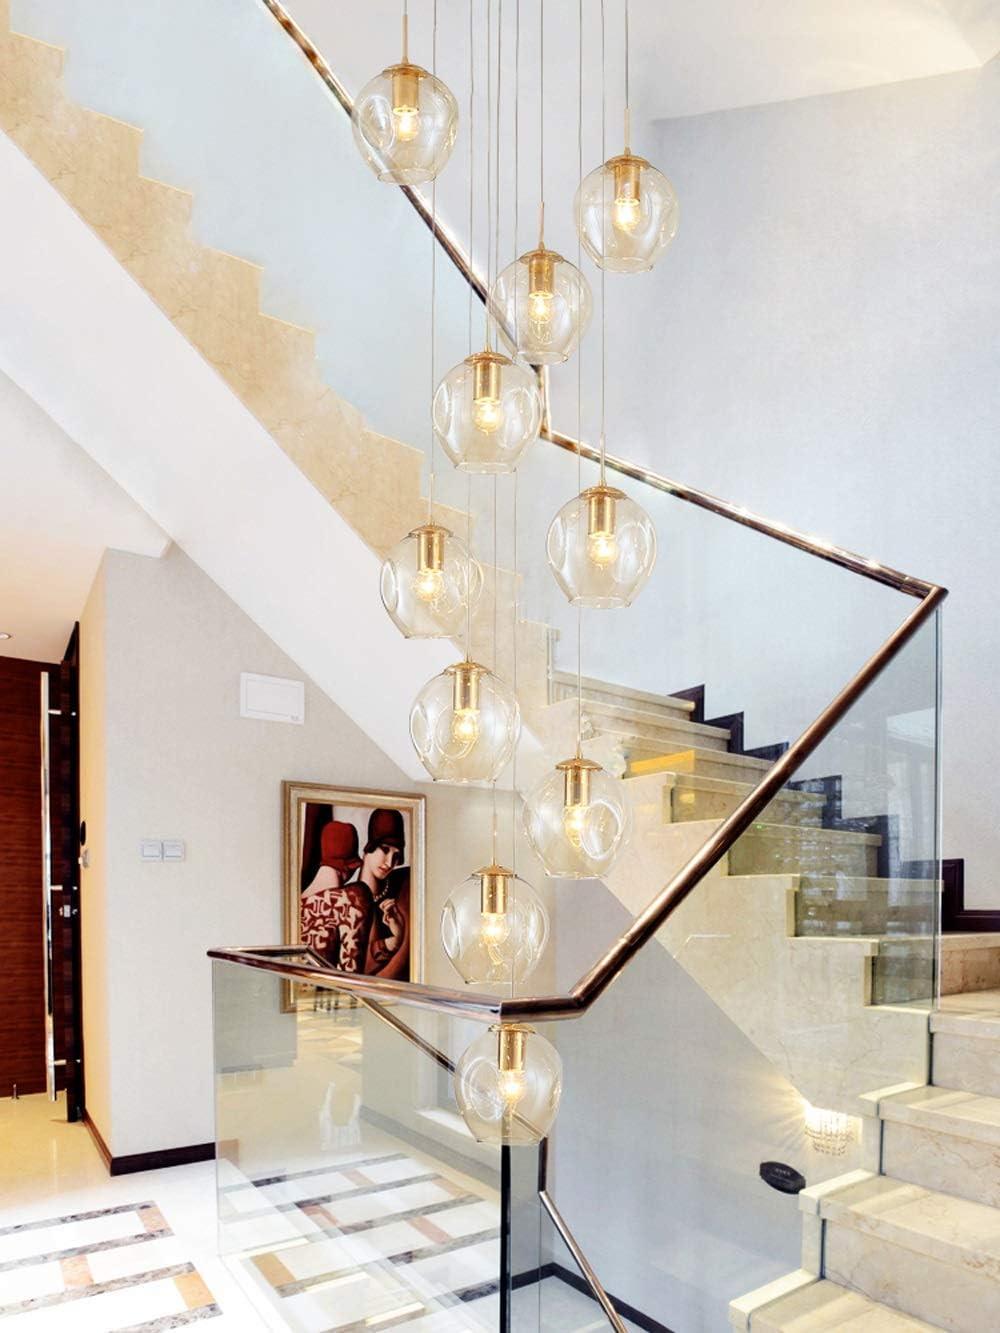 Lámpara de cristal de hotel Lámpara colgante de escalera de caracol Luces colgantes largas Villa creativa Sala de estar hueca Escalera dúplex simple moderna Lámpara de hotel,Cognac,10lights: Amazon.es: Hogar